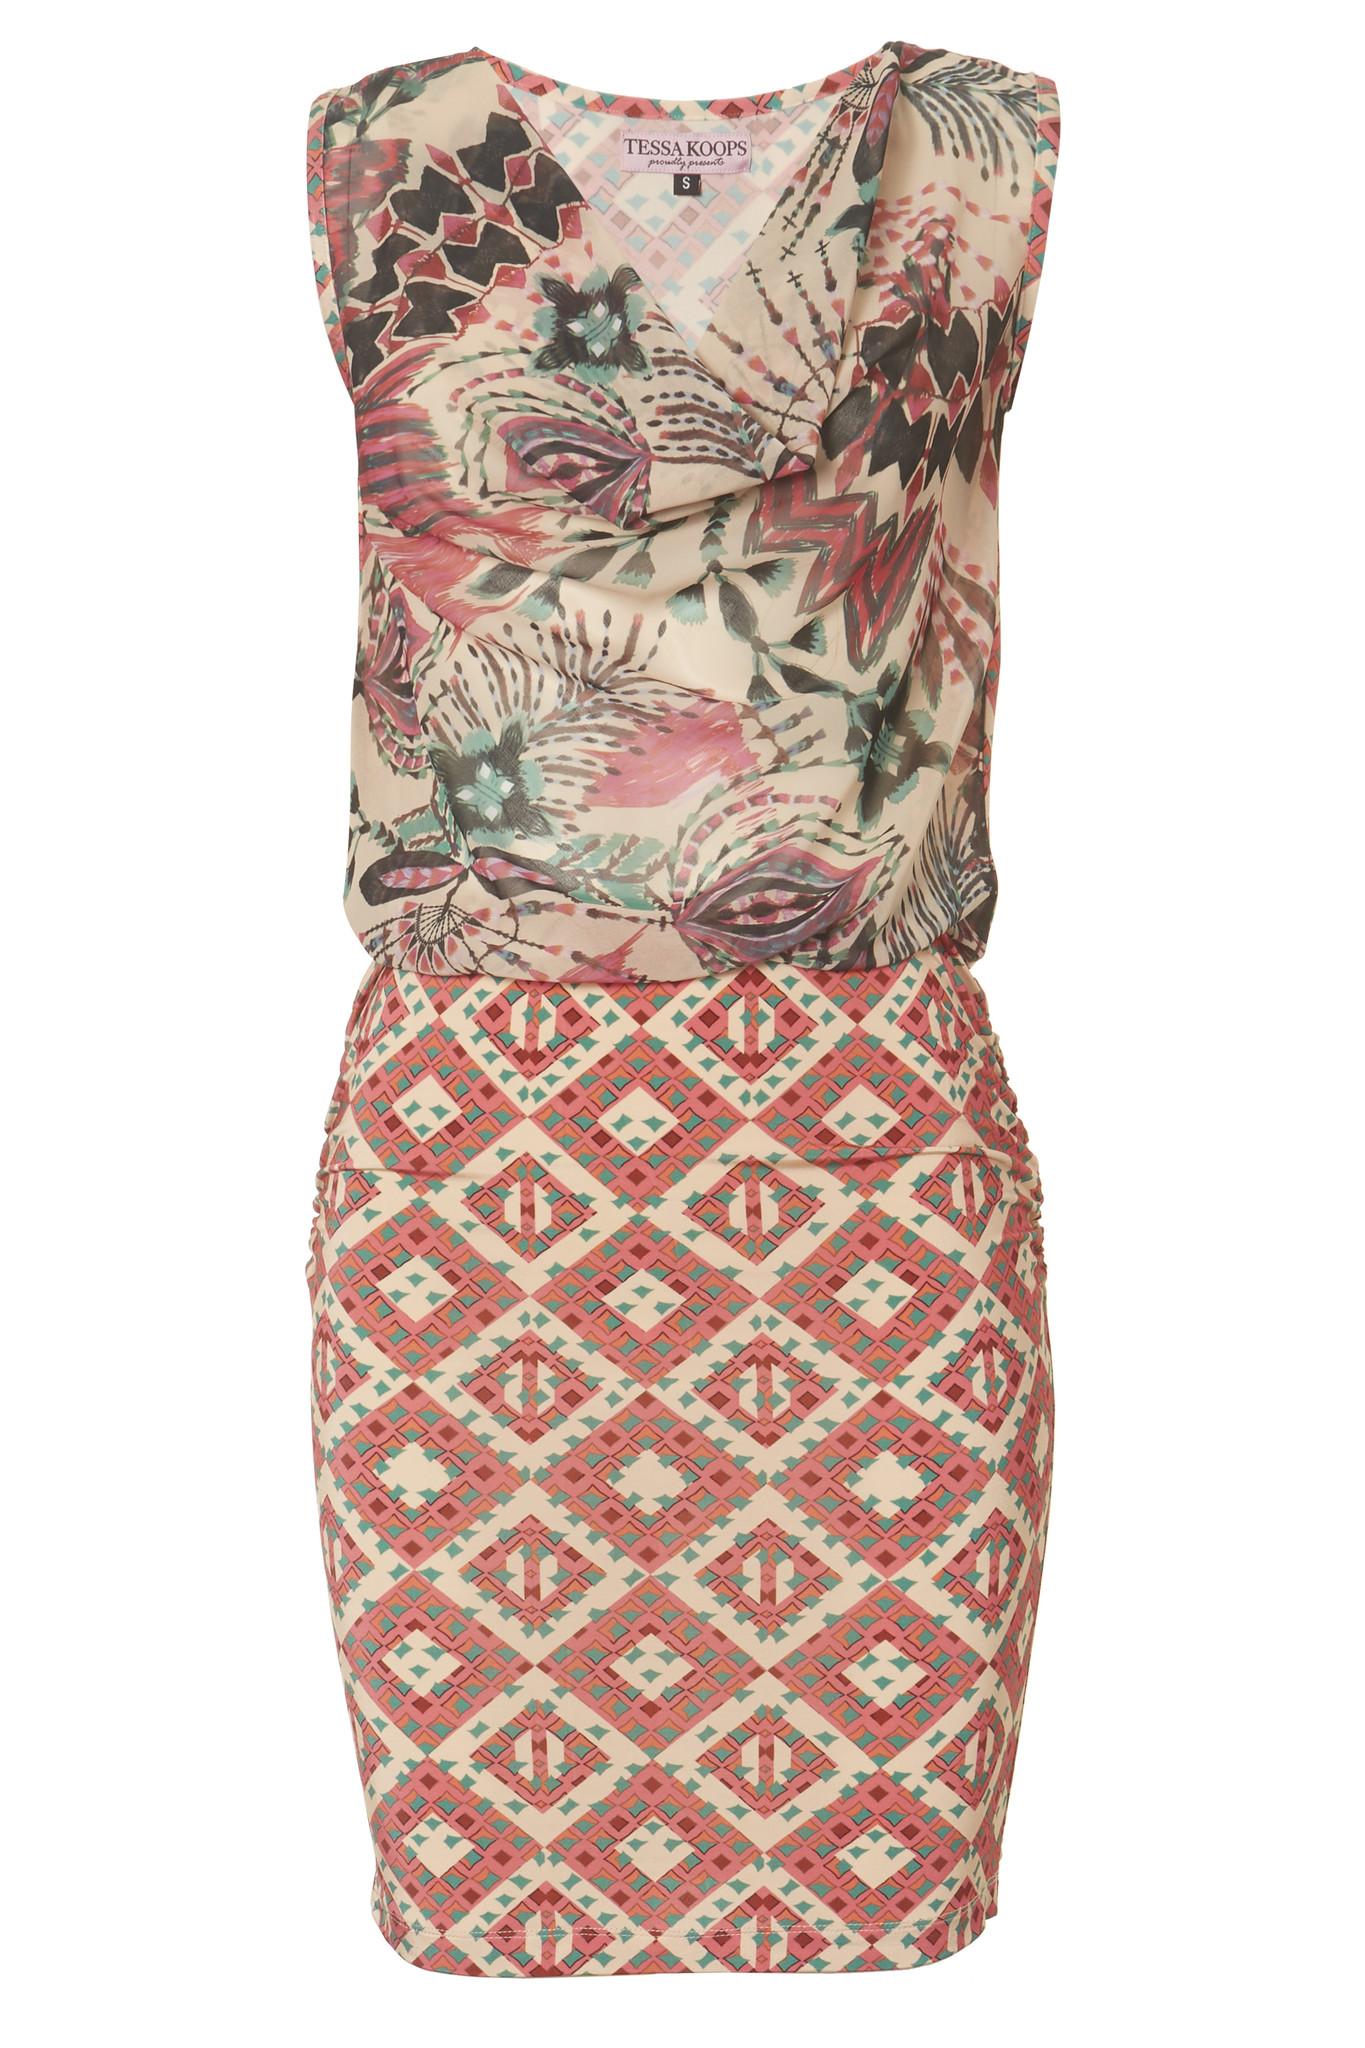 TESSA KOOPS SHAREN PEACHES DRESS